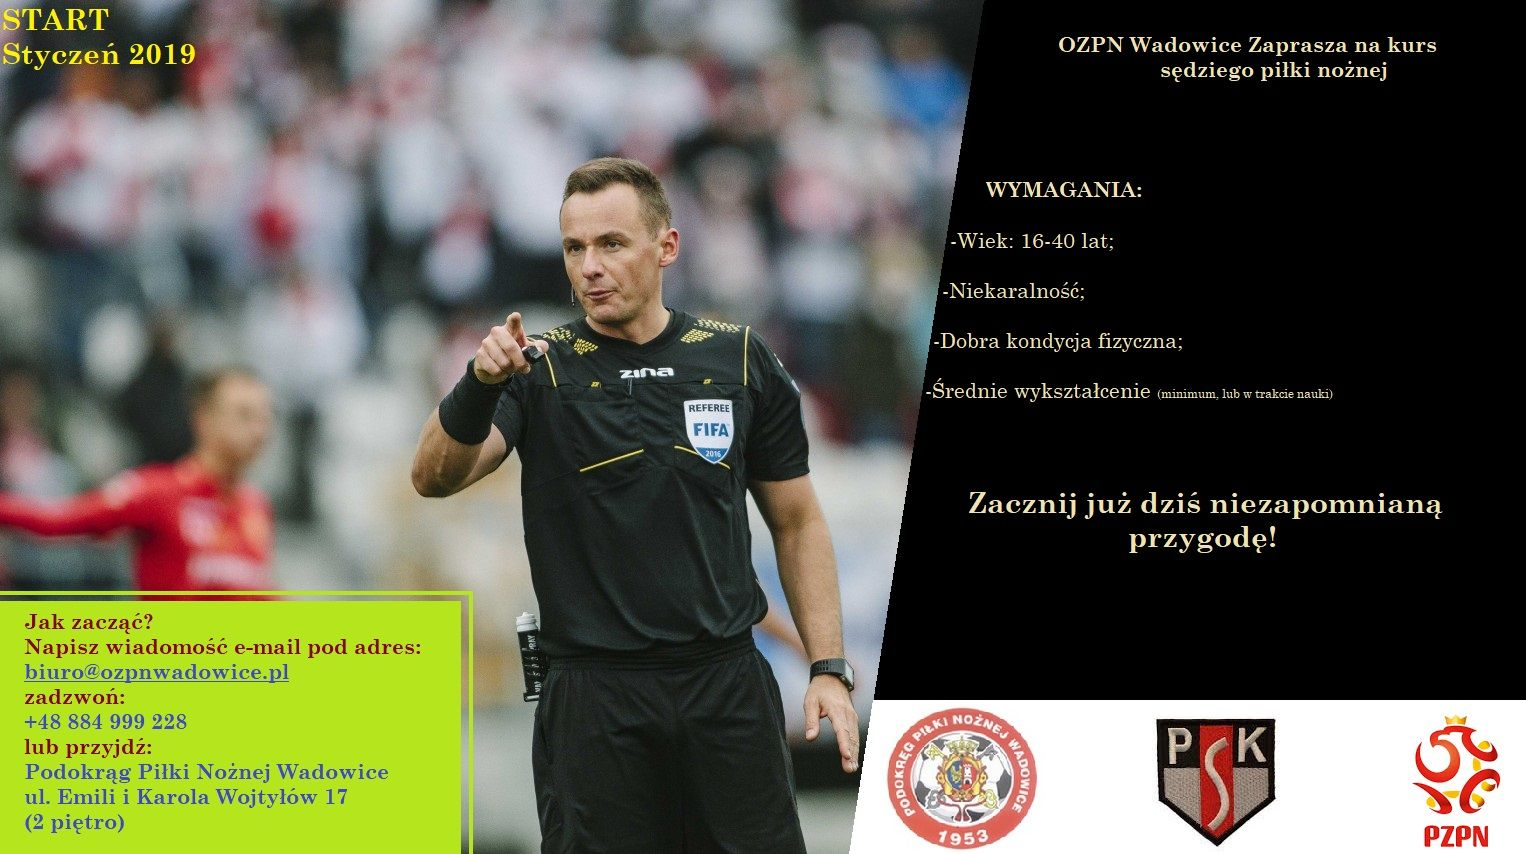 OZPN Wadowice zaprasza na kurs sędziego piłki nożnej